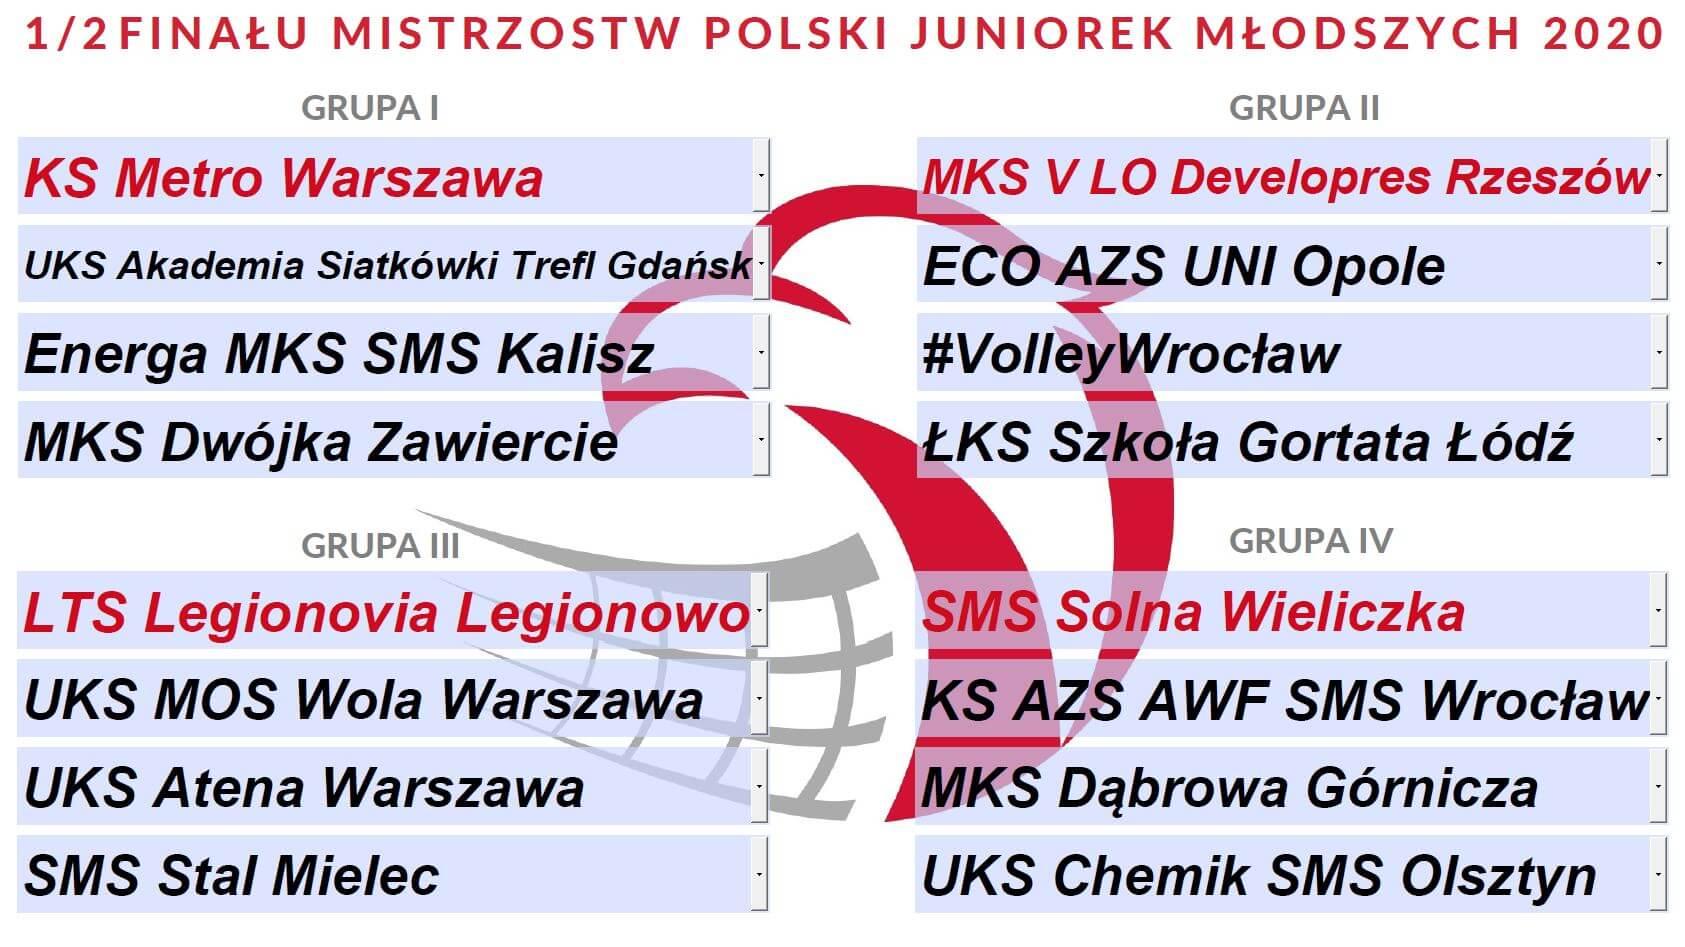 Półfinałowe grupy MP Juniorek Młodszych 2020